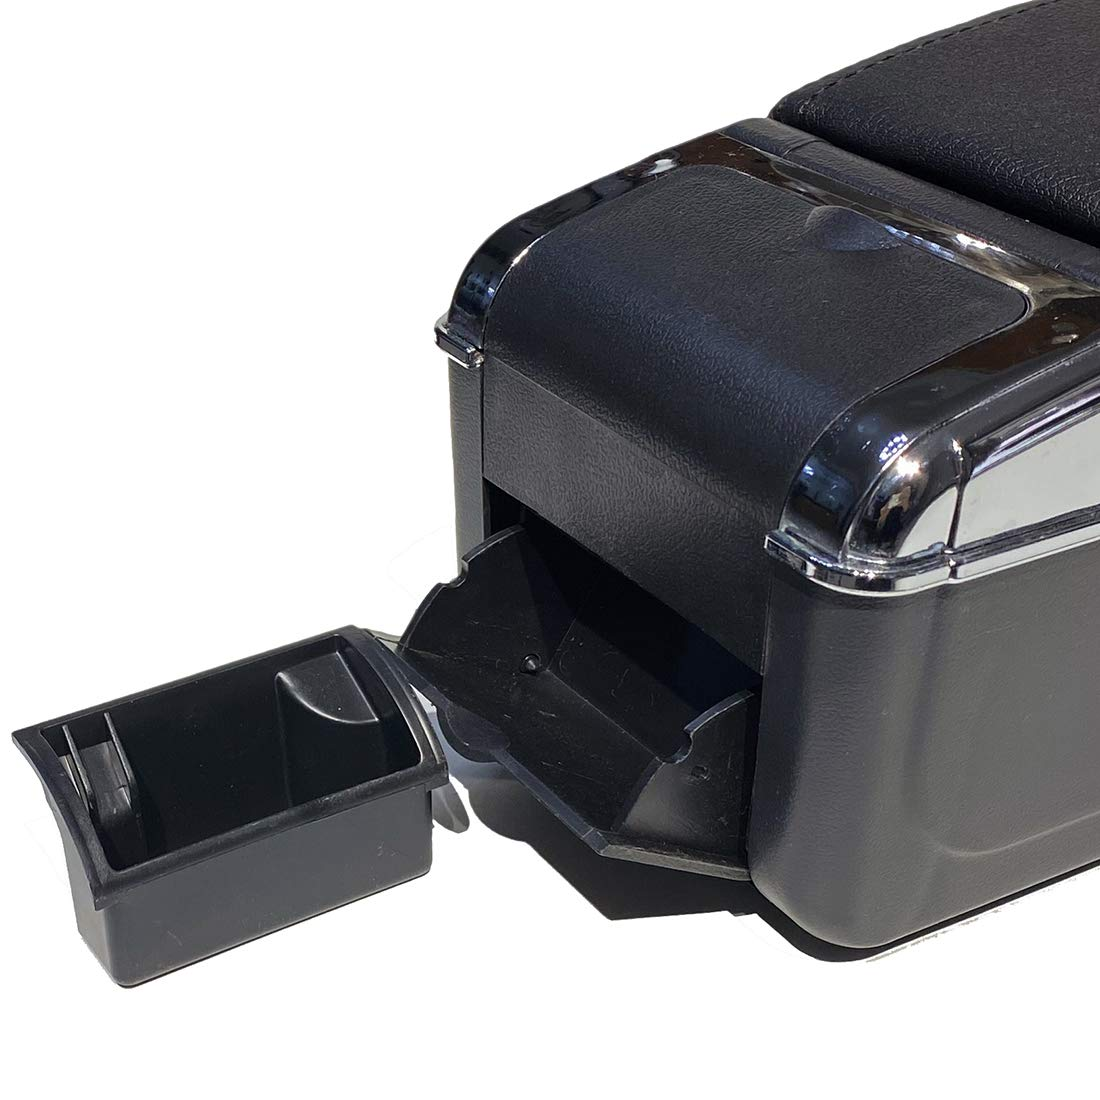 Coche Apoyabrazos para Polo 2002-2009 Doble Capa Caja de Almacenamiento de Consola Central Costuras Negras